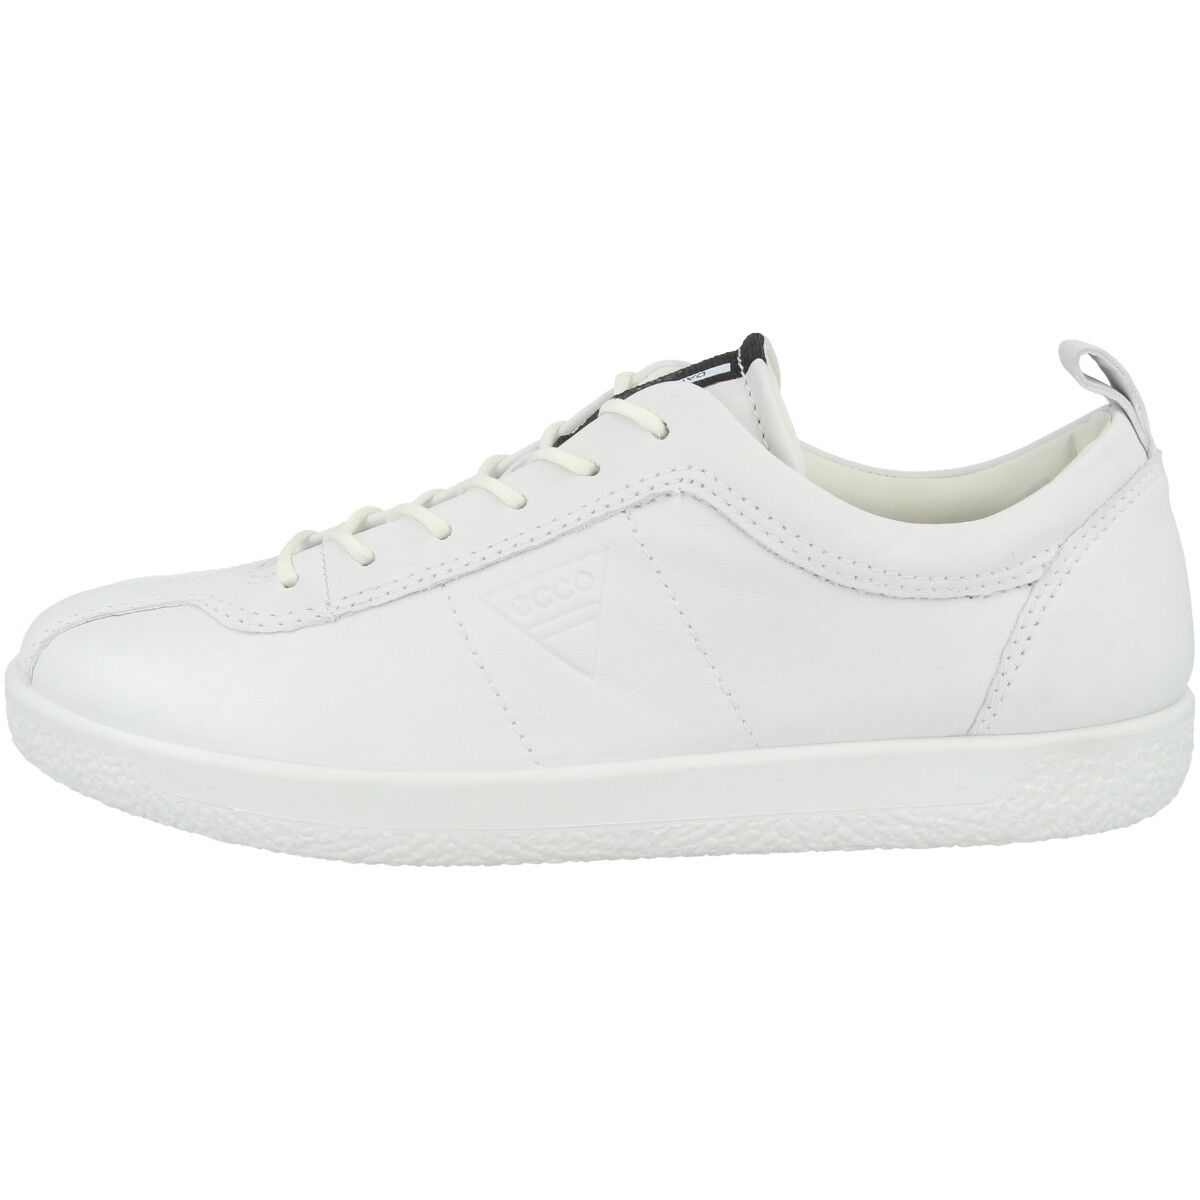 Ecco Soft 1 Ladies Scarpe Scarpe Scarpe in Pelle da Donna Scarpe Basse scarpe da ginnastica bianca 400503-01007 0ea25b